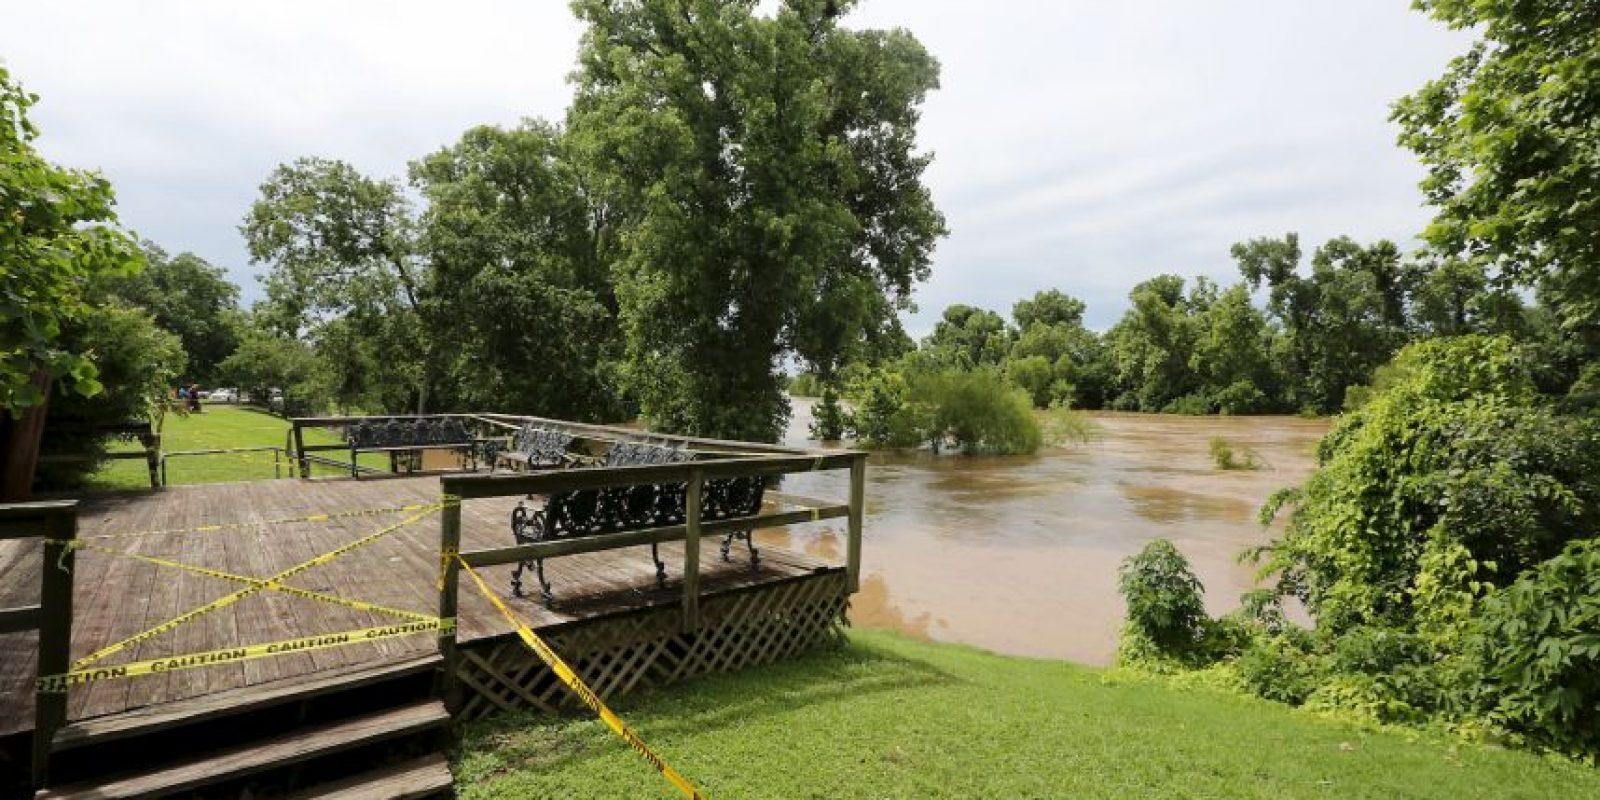 Se espera que más tormentas se desarrollen durante la noche del viernes en Texas. Foto:Getty Images